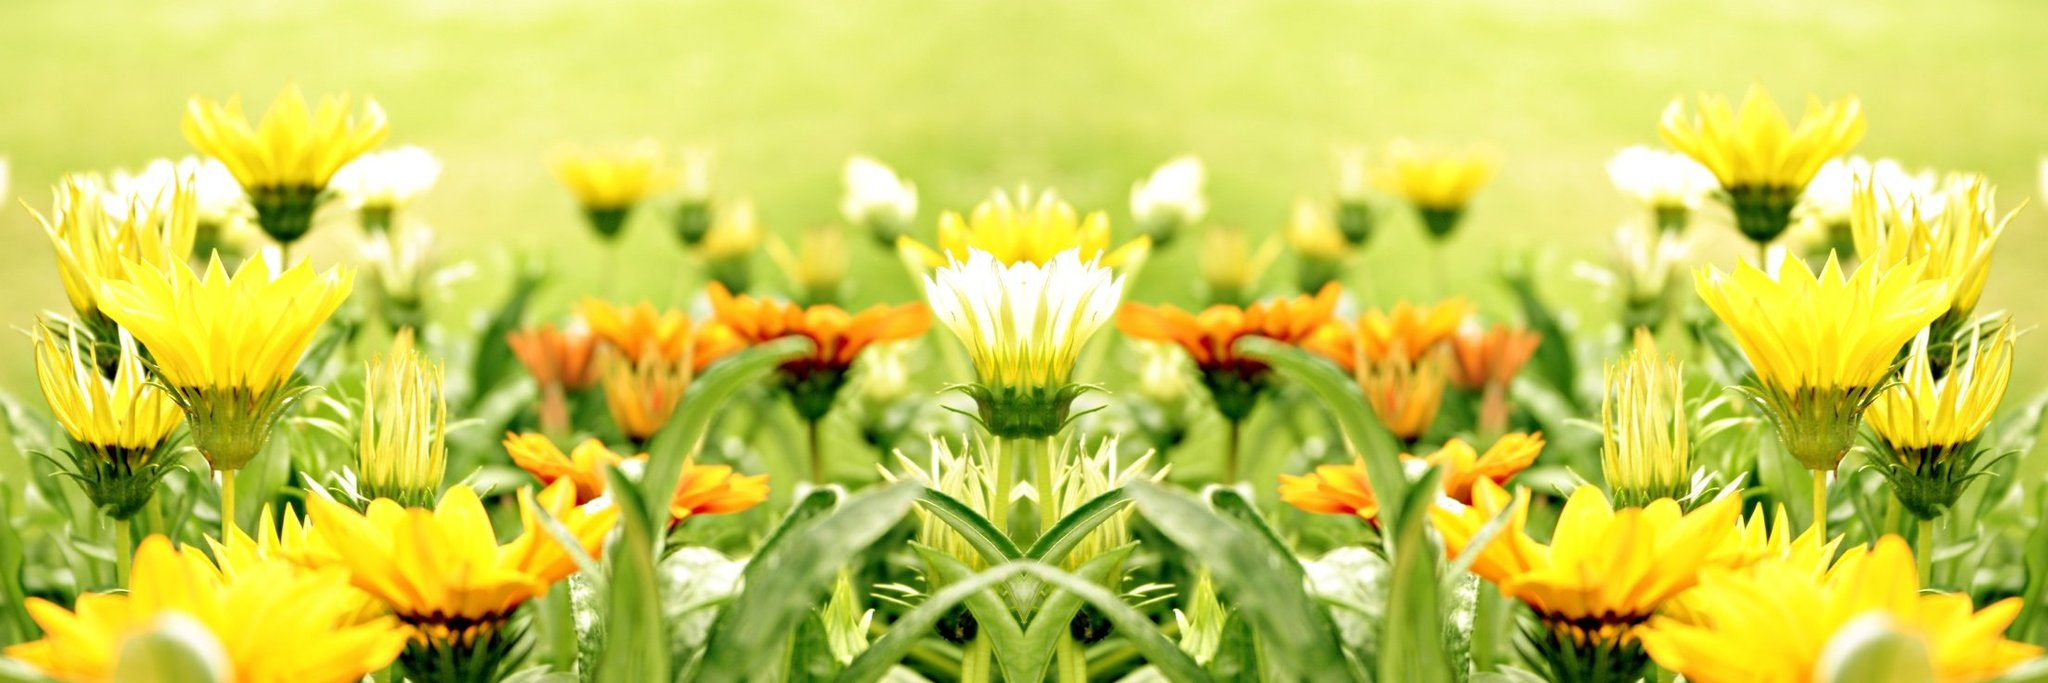 Yellow Flowers Field | Best Wallpaper HD